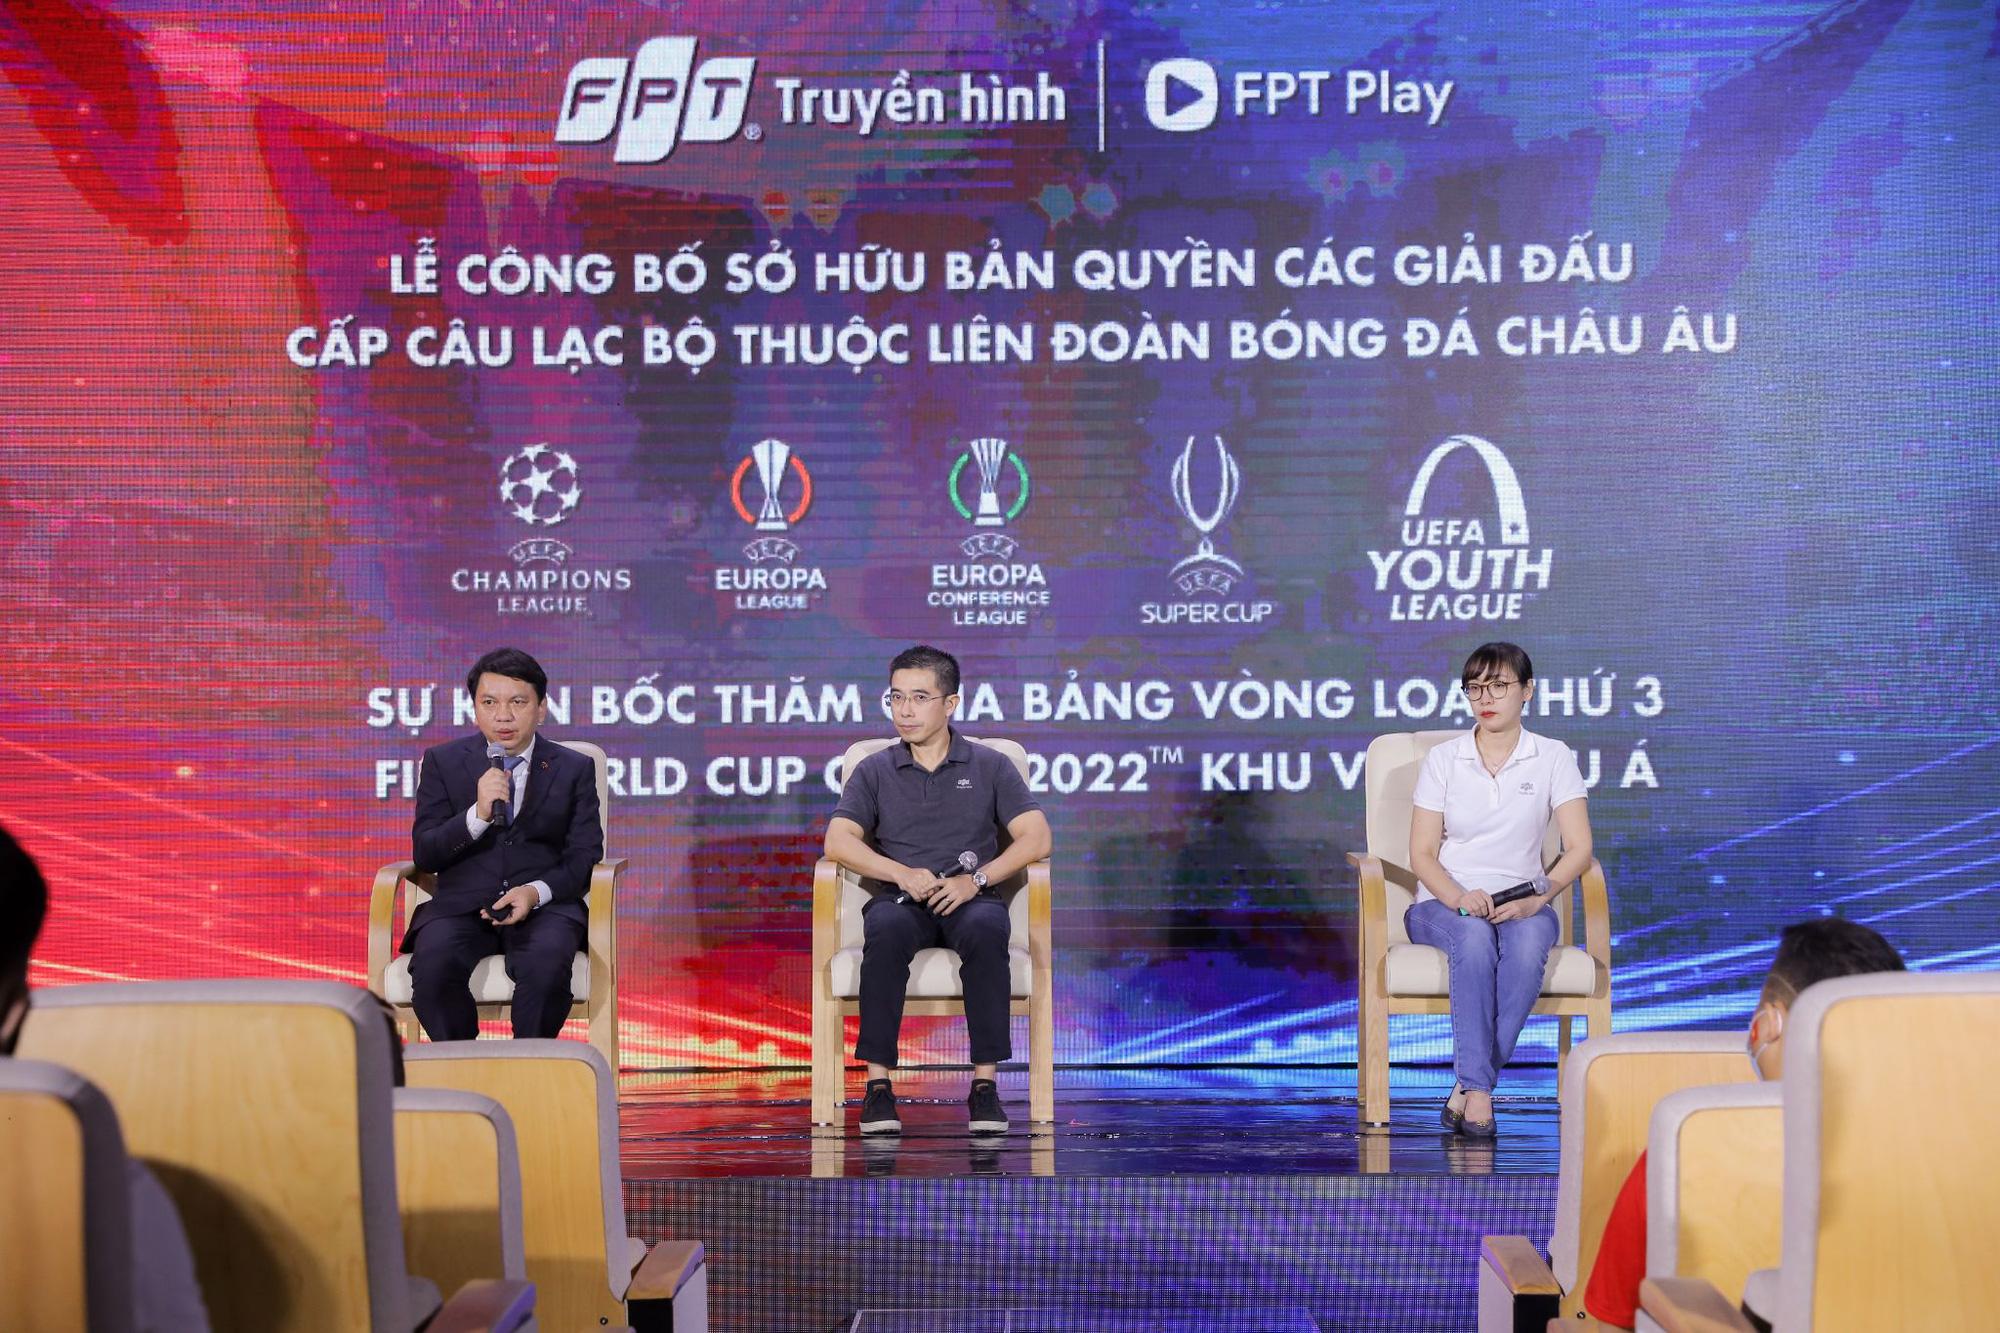 FPT khiến fan hâm mộ bóng đá mãn nhãn với sự kiện bốc thăm công nghệ AR đỉnh cao - Ảnh 1.